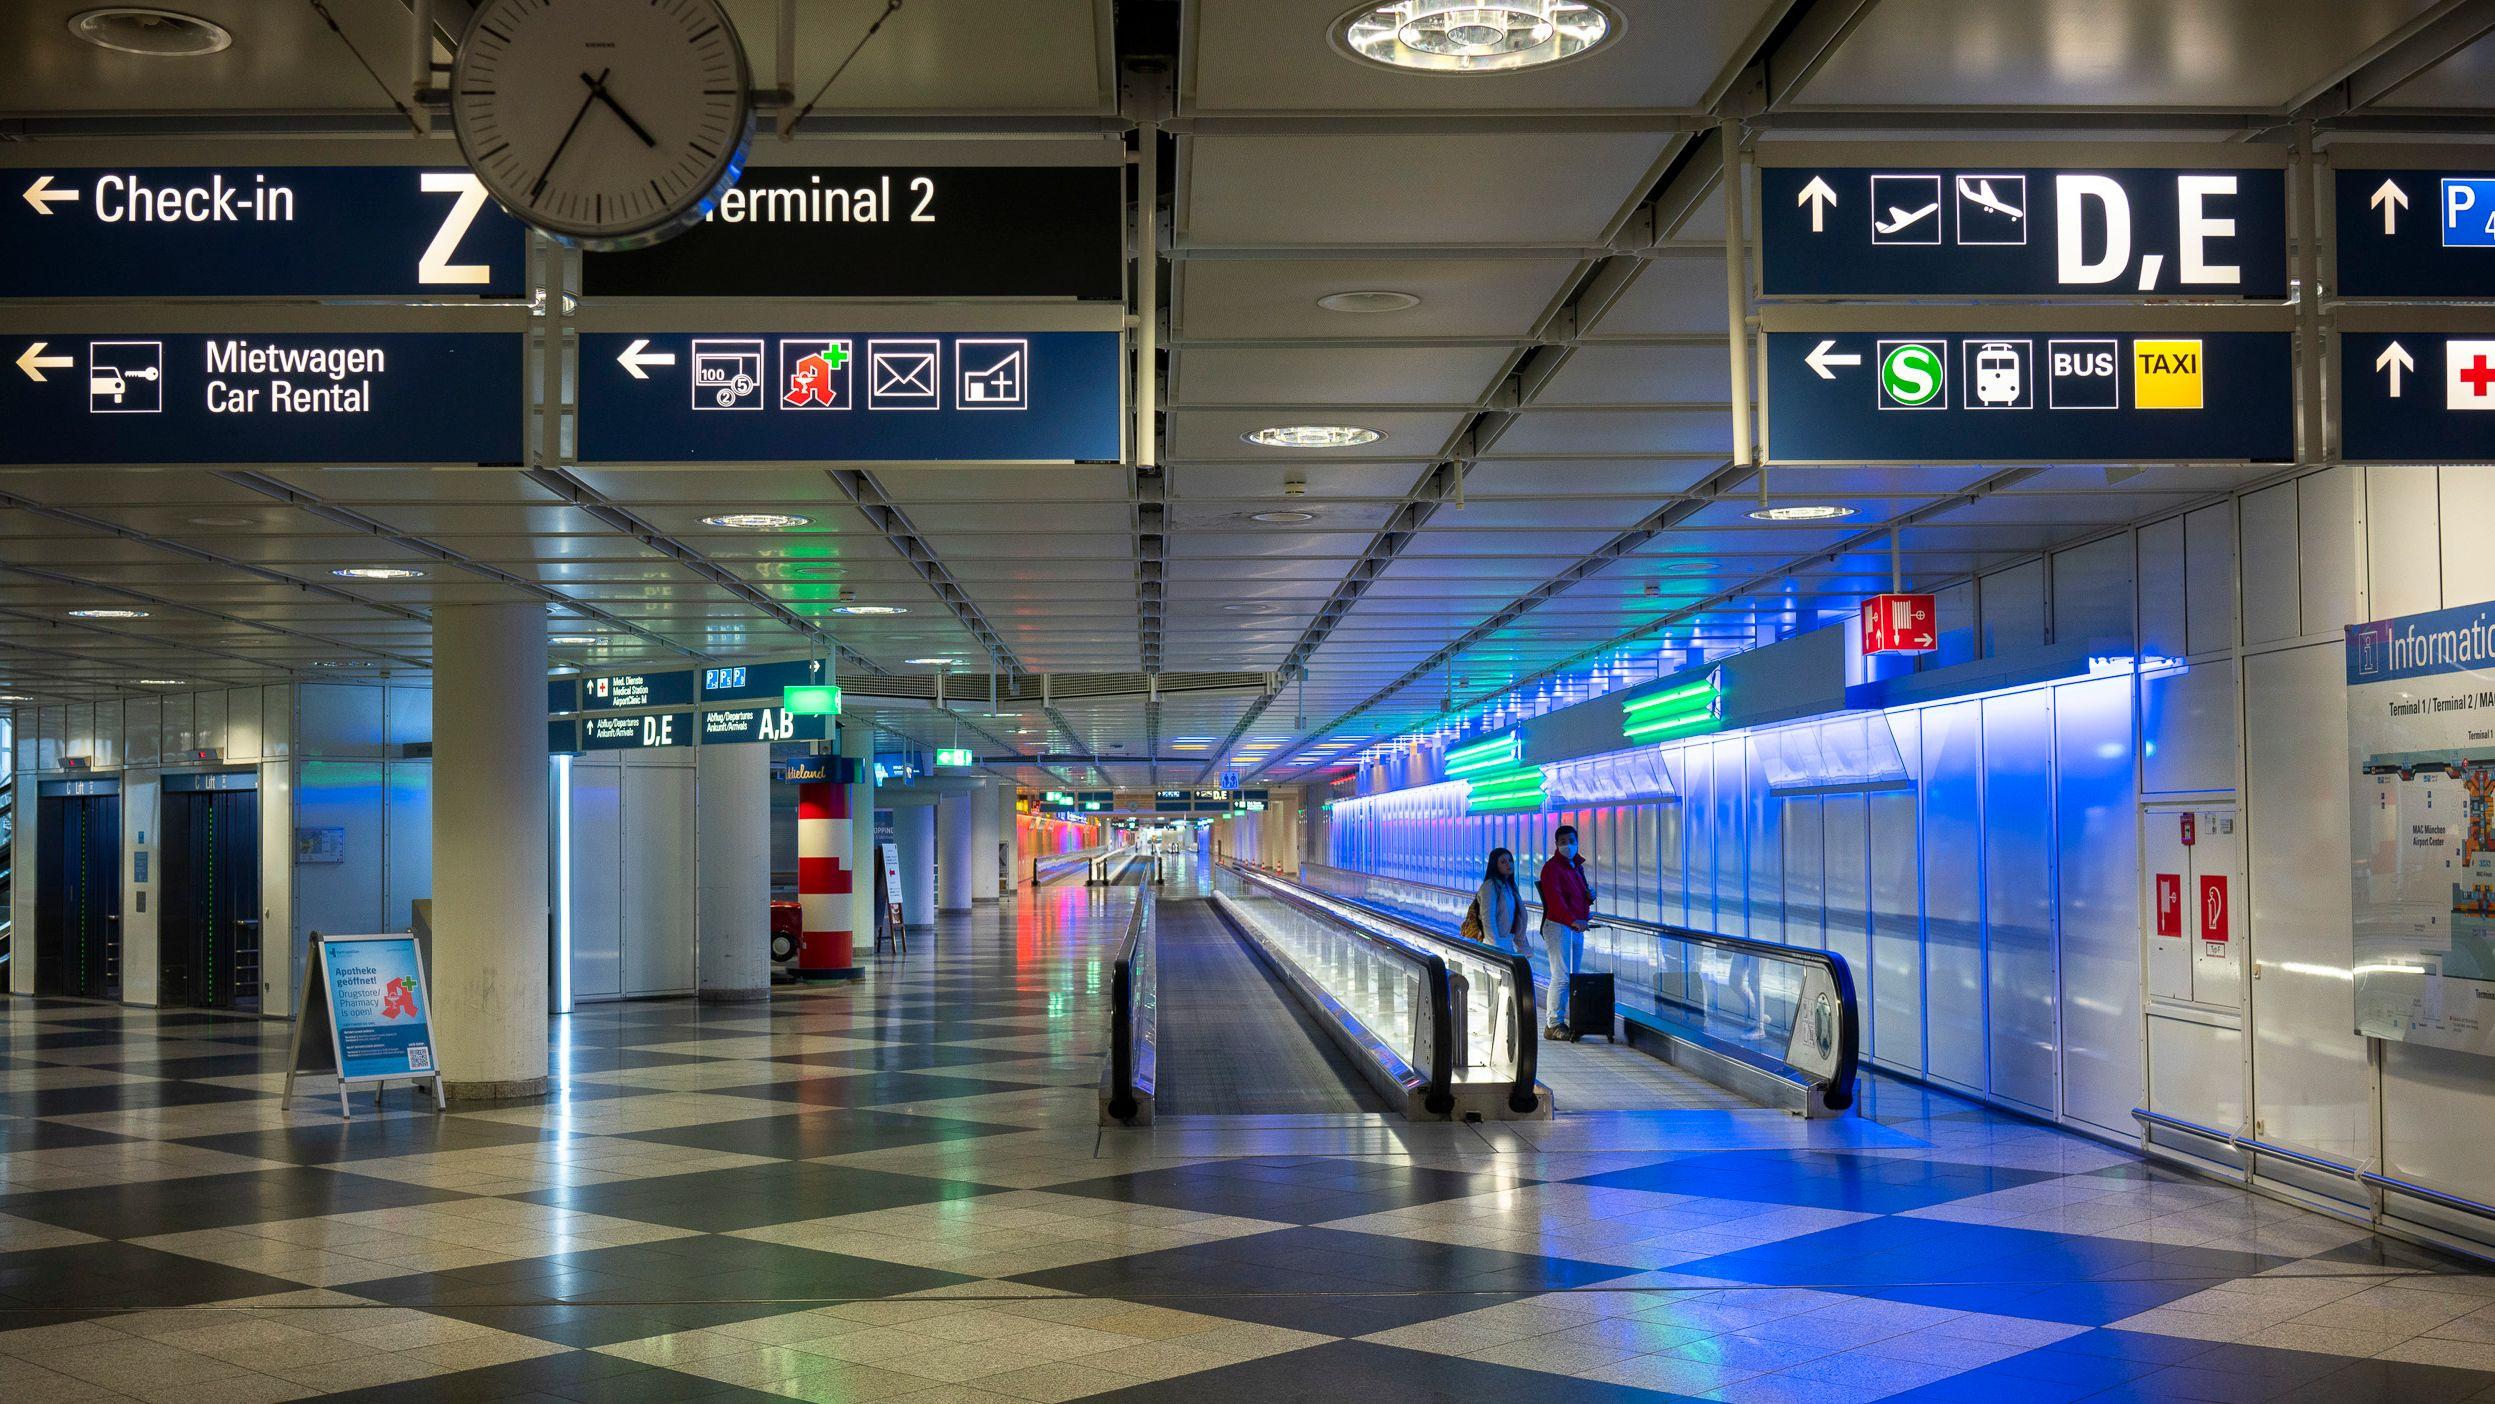 Ein leerer Gang zwischen den Abflughallen am Münchner Flughafen. Auf einem Rollband stehen verloren zwei einzelne Menschen.